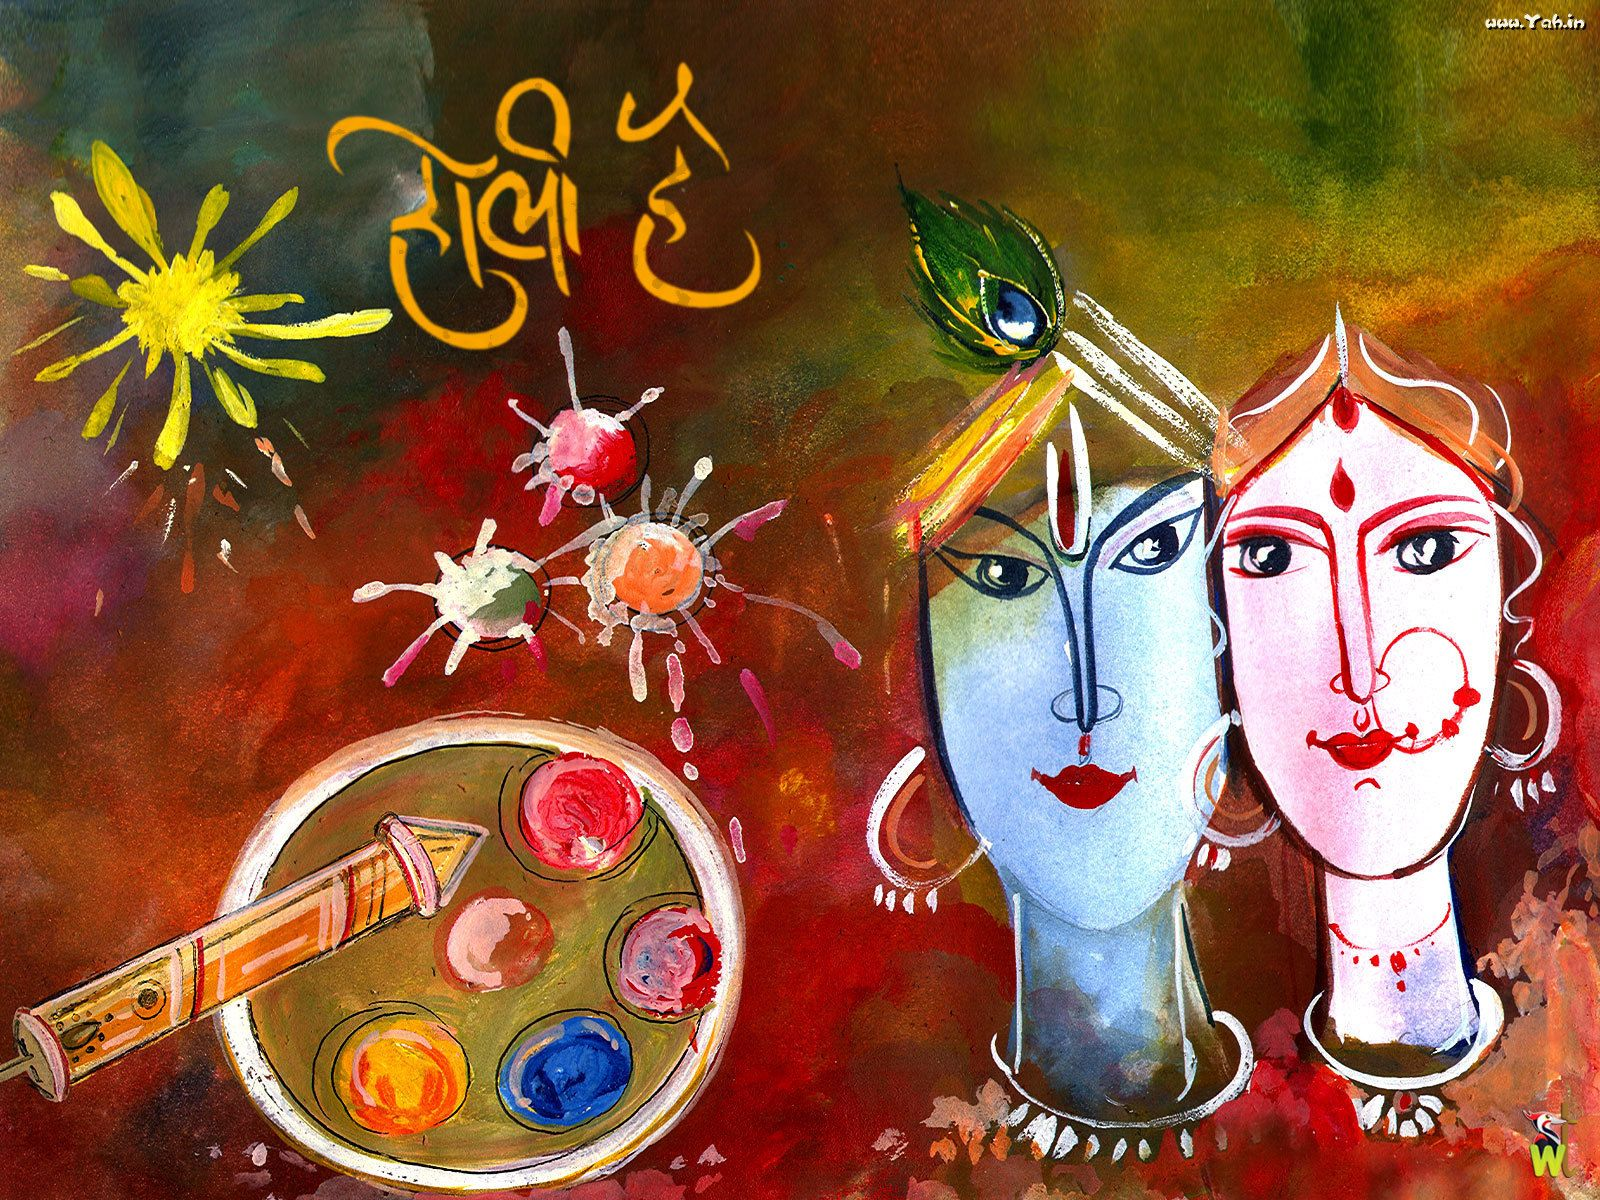 Happy holi radha krishna images - Holi Wish You Happy Holi 2014 Messages Quotes Wishes In Hindi English Holi Radha Krishna